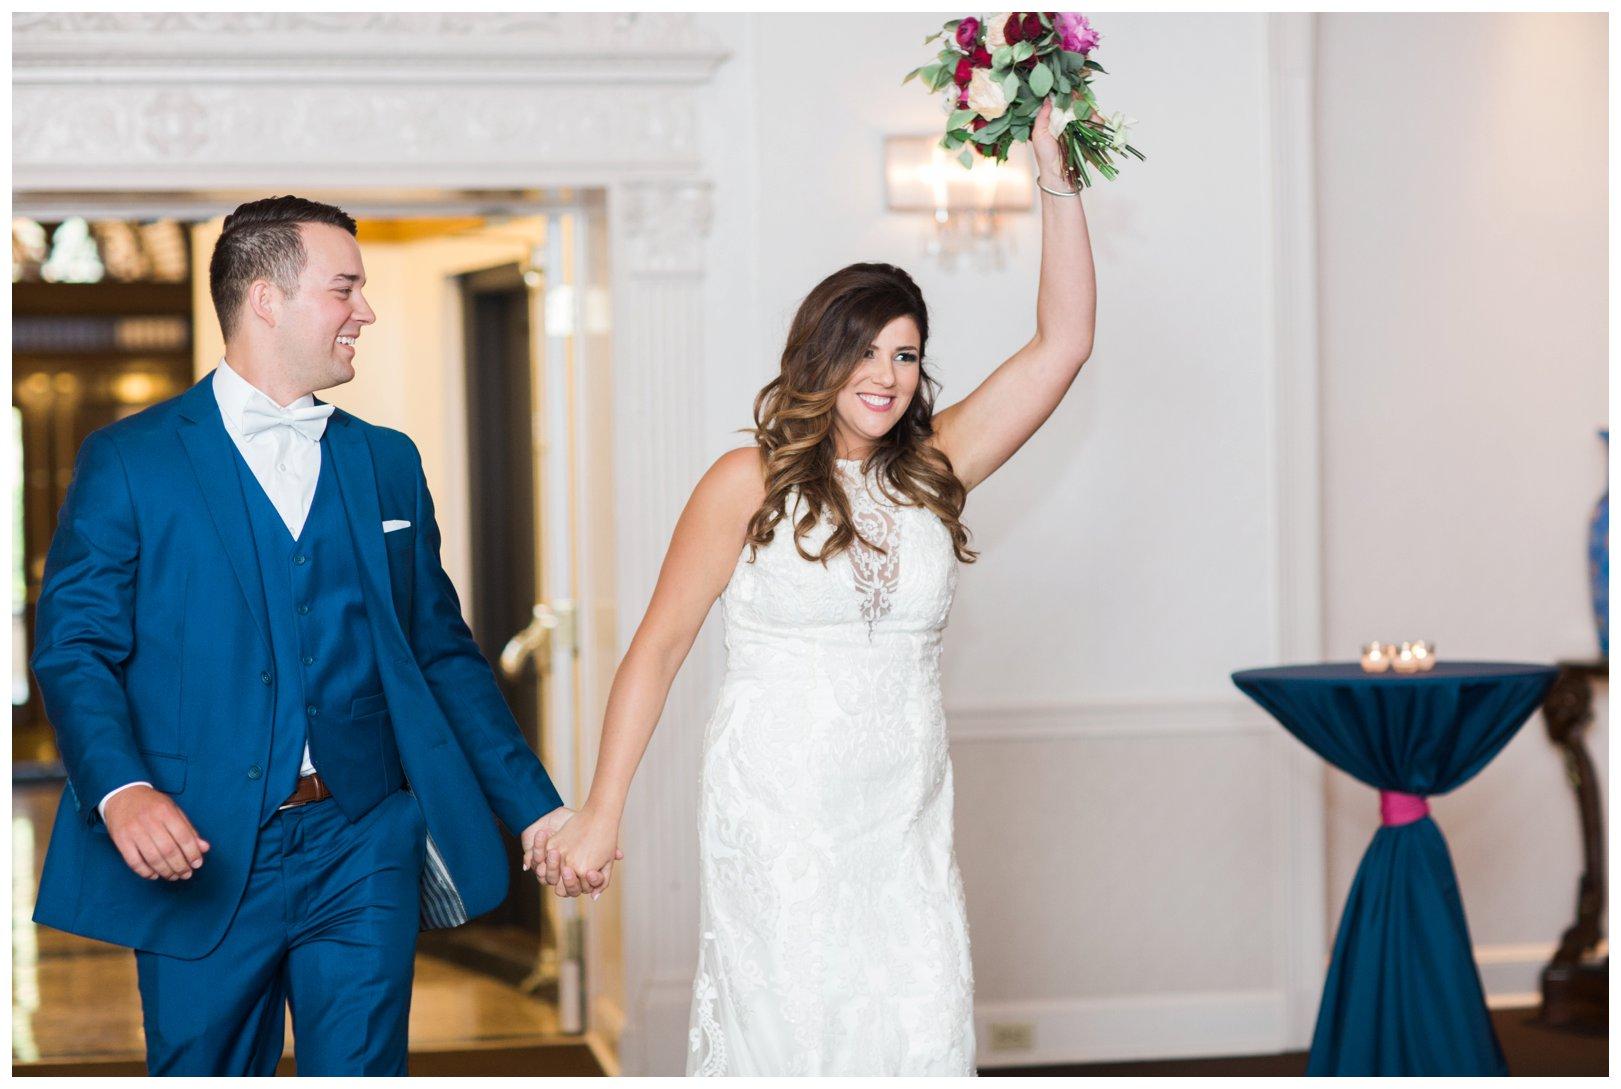 lauren muckler photography_fine art film wedding photography_st louis_photography_1206.jpg